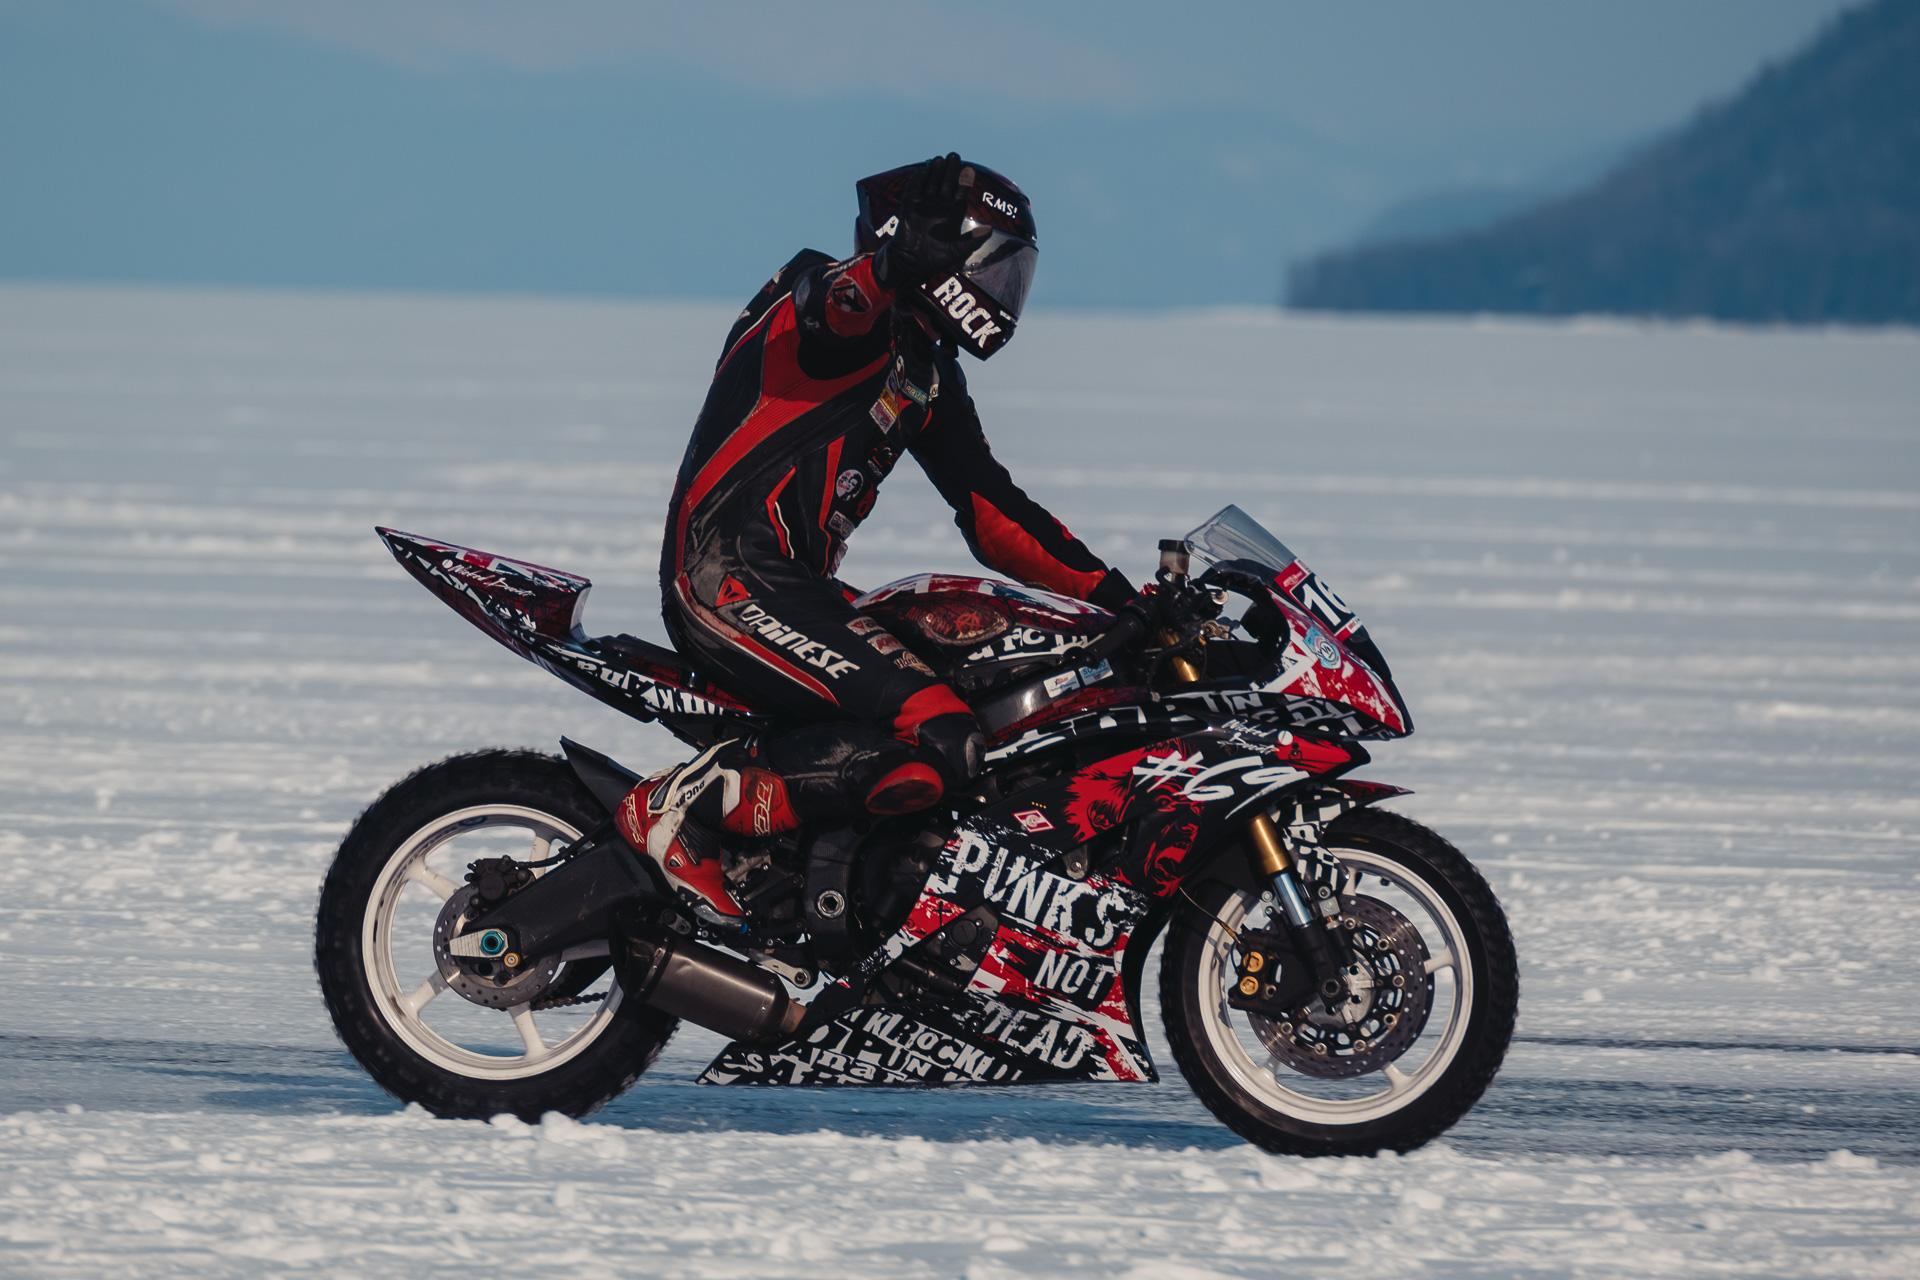 Байкальская Миля 2020 - Туев Денис Николаевич Honda CBR954RR 2003 FBR Racing Team